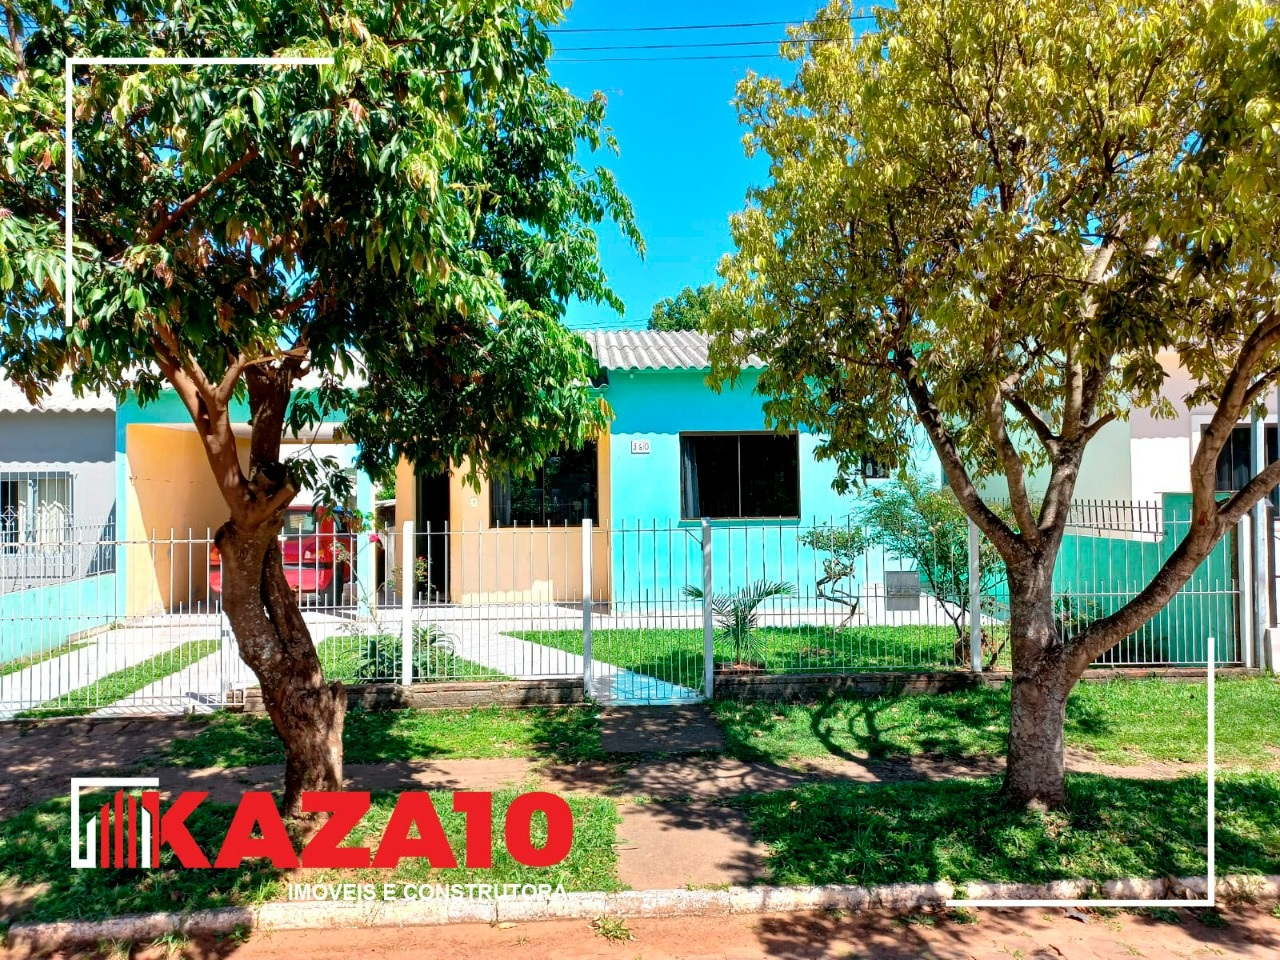 kaza10imoveis.com